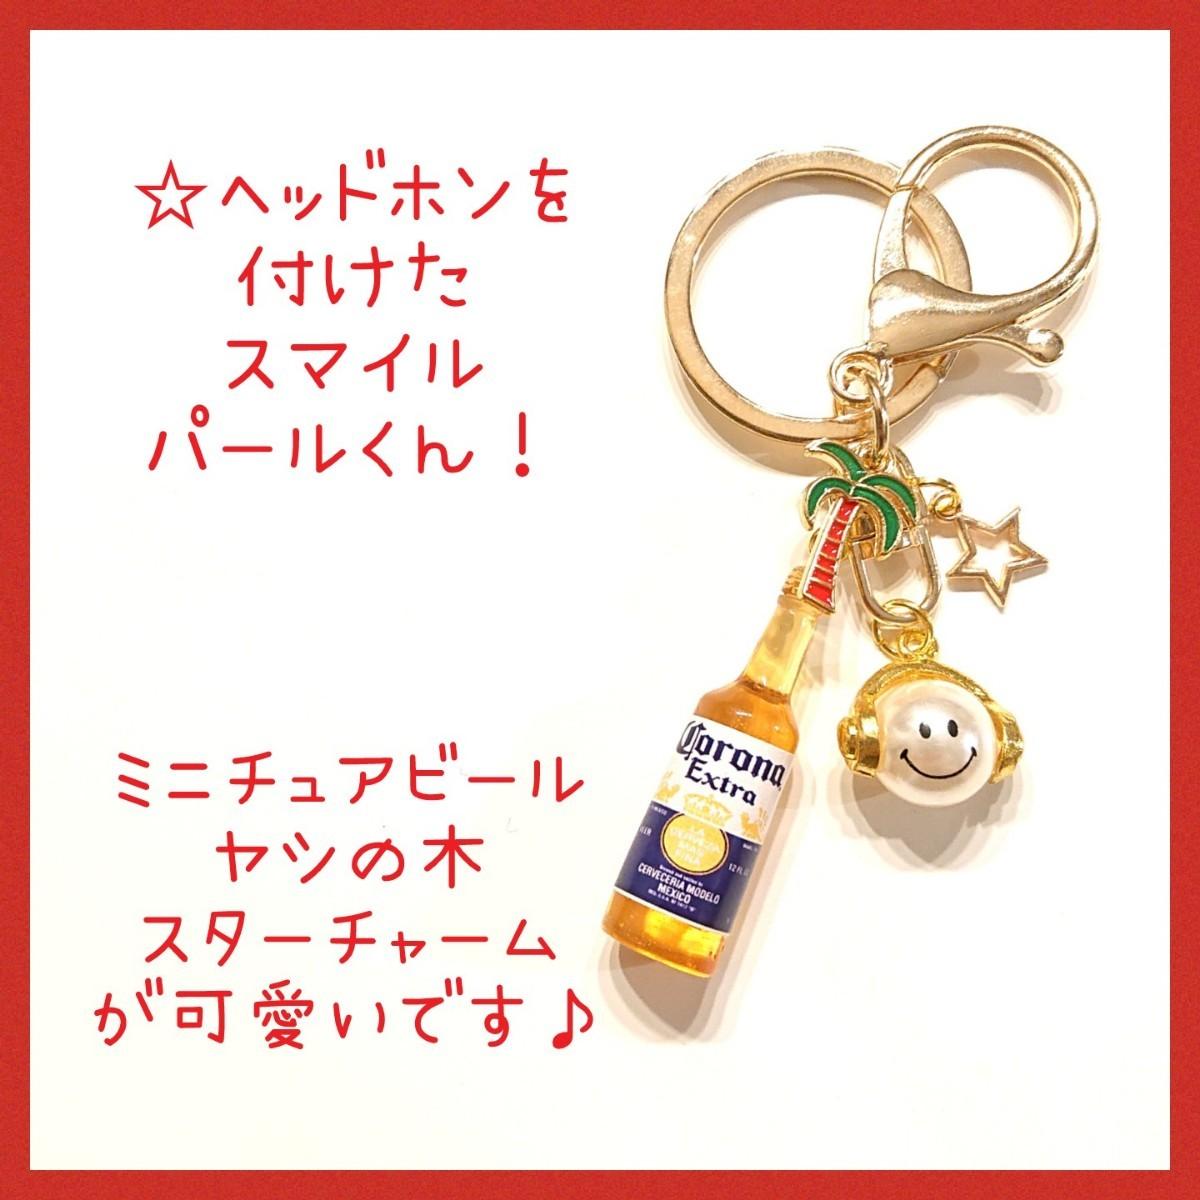 キーホルダー スマイルヘッドホン (中)  ミニチュアビール キーリング バッグチャーム ニコちゃん スマイルパール